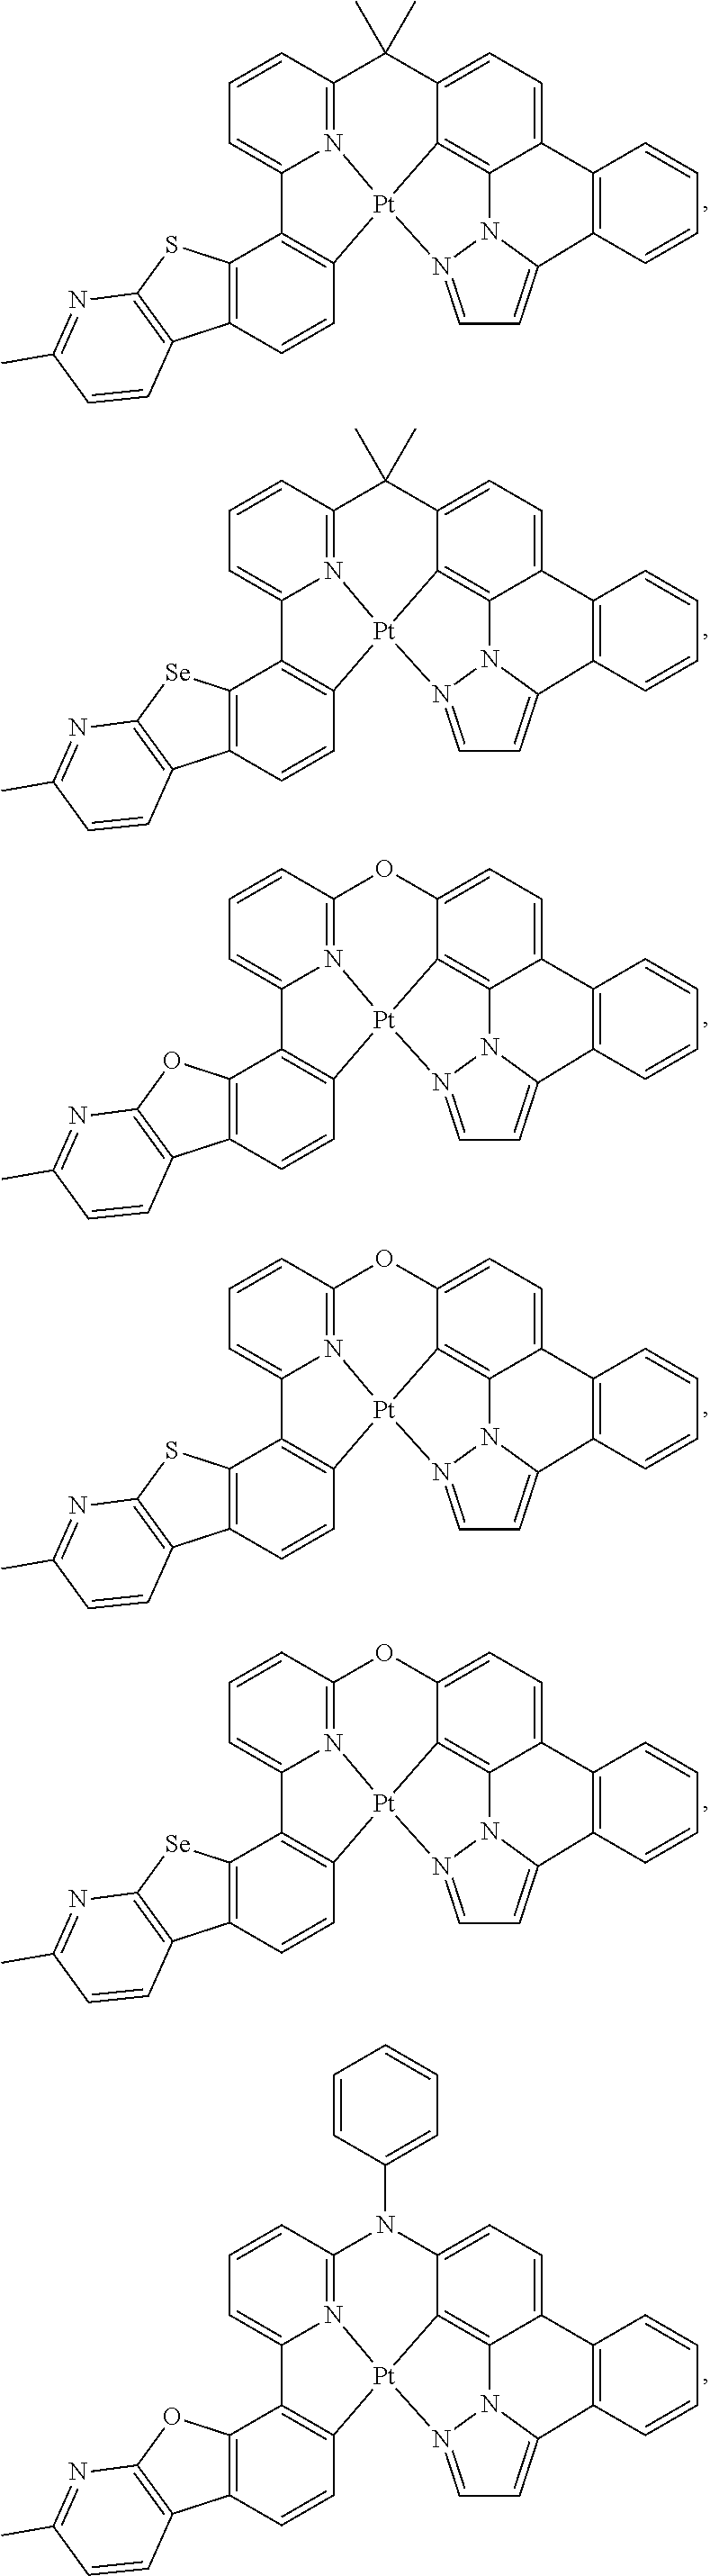 Figure US09871214-20180116-C00033